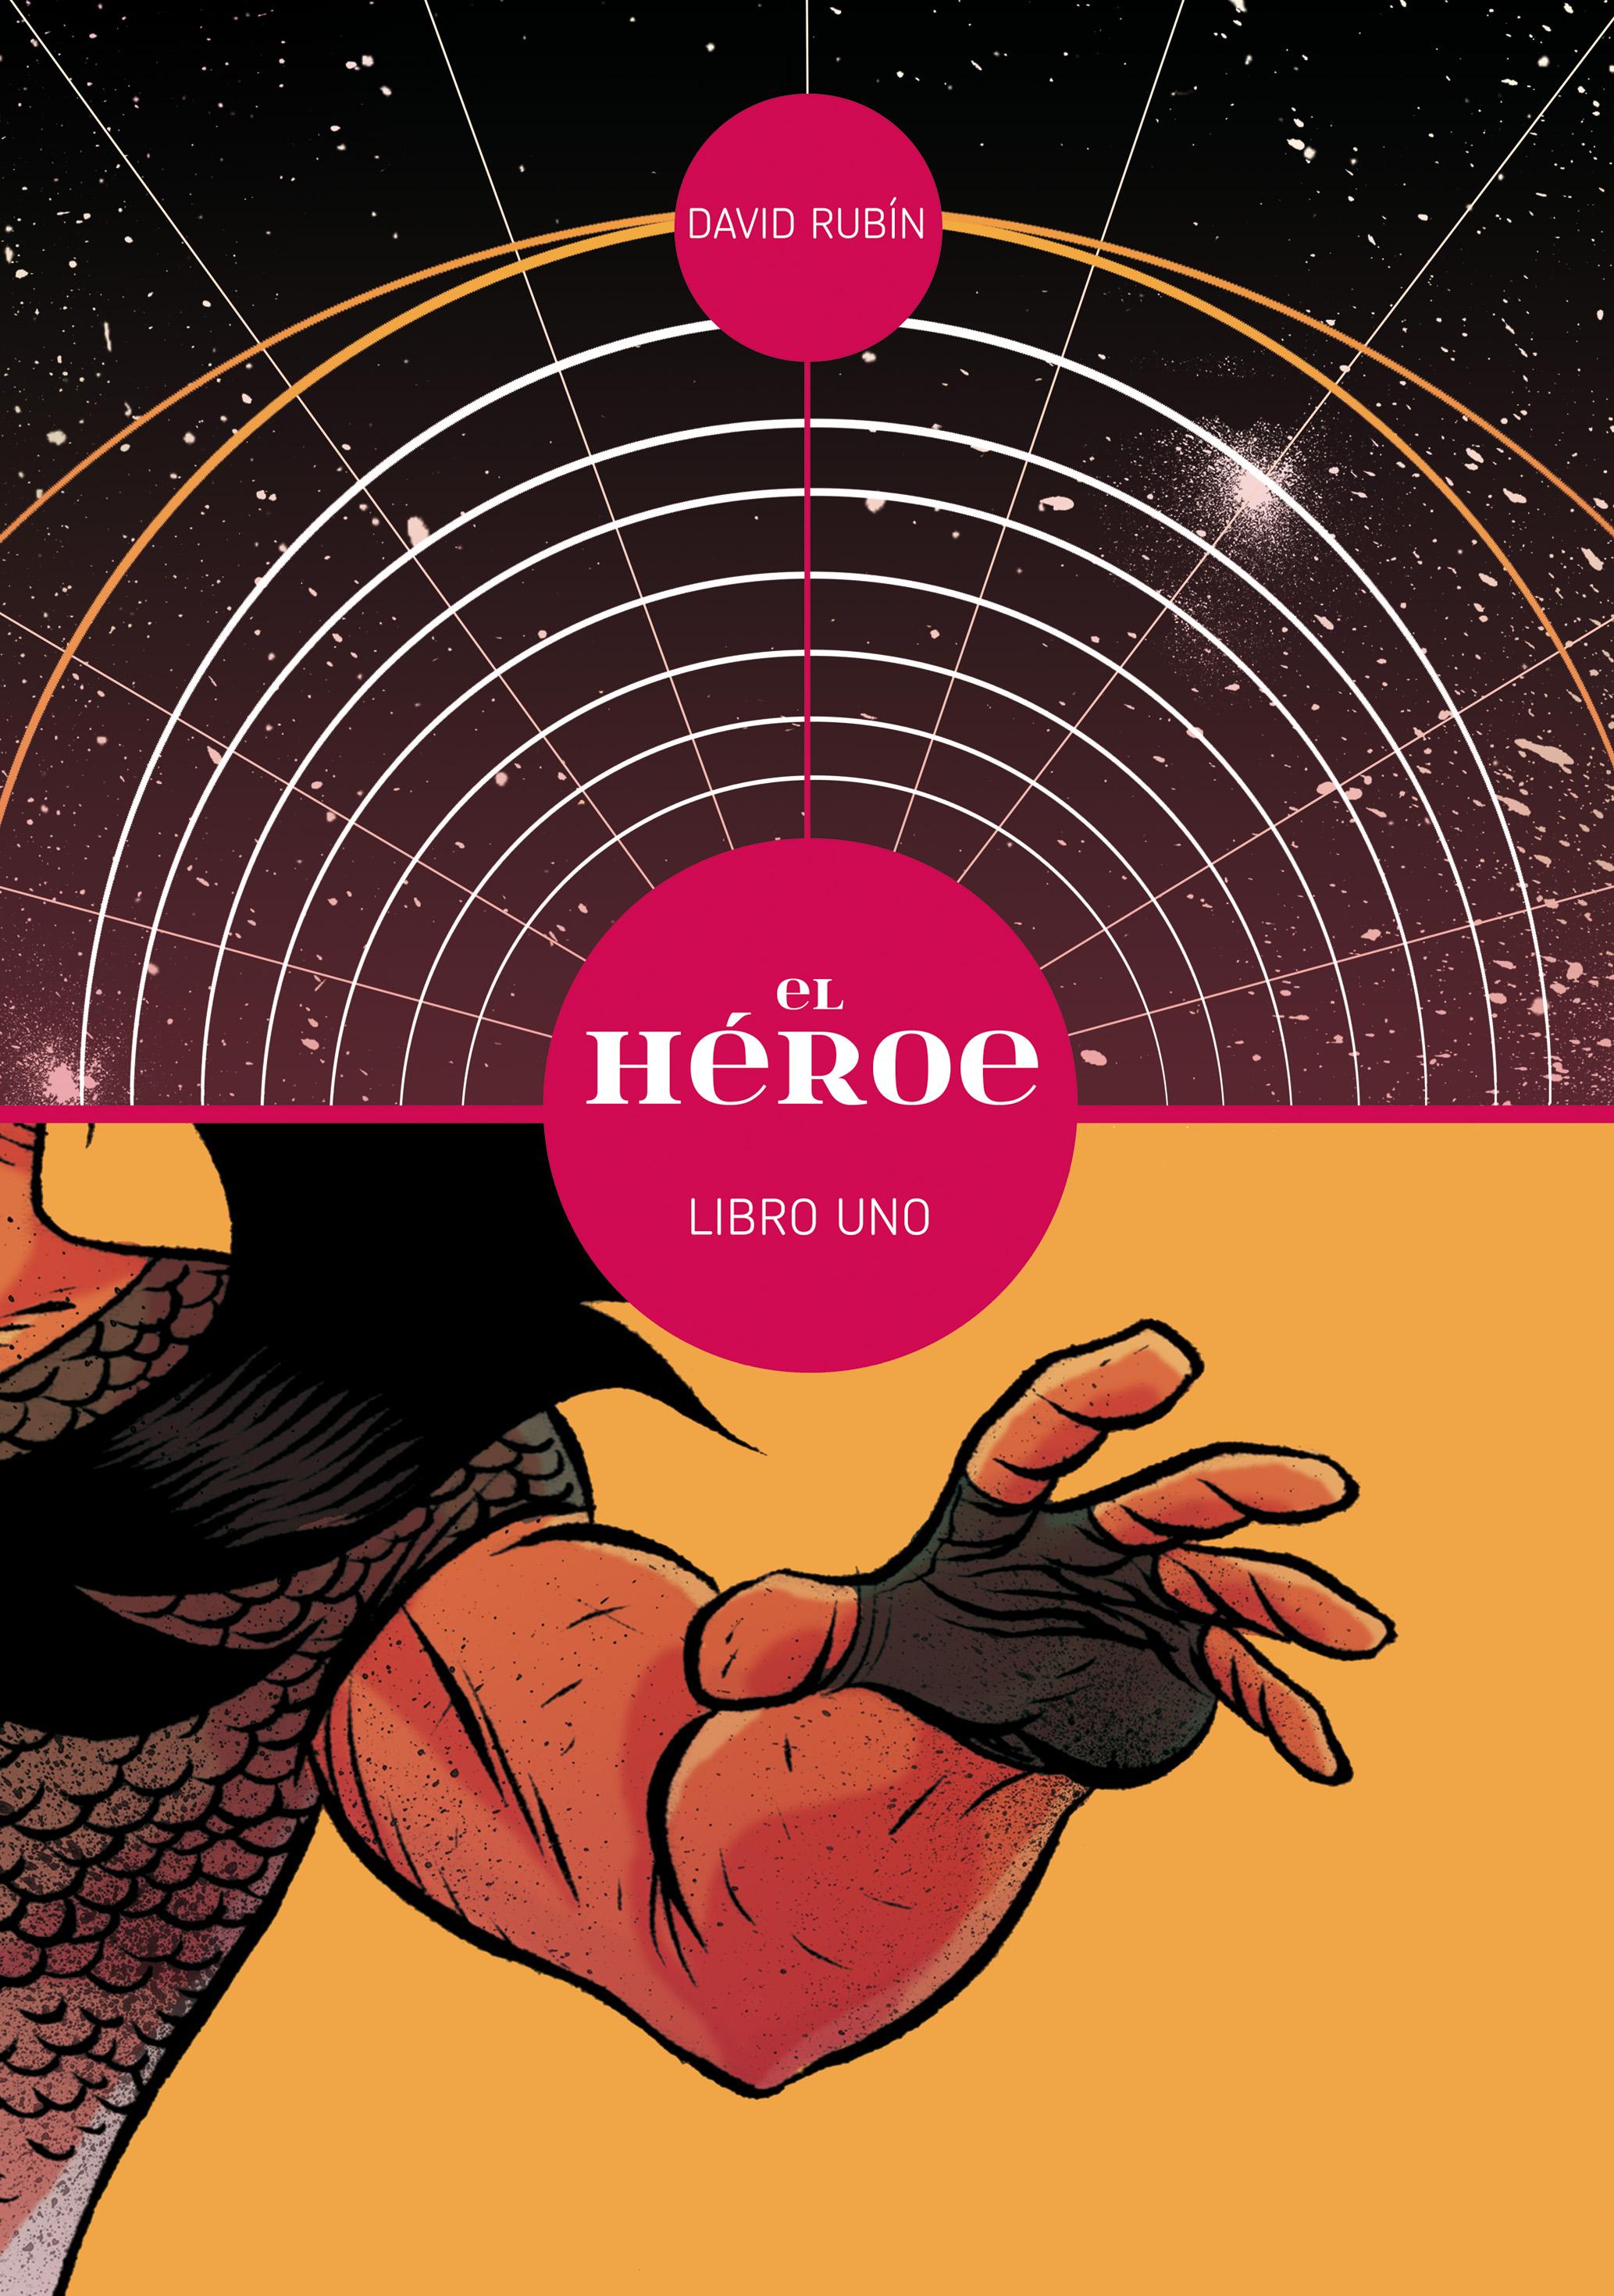 Astiberri publica en aberto <i>El Héroe</i> 1 de David Rubín